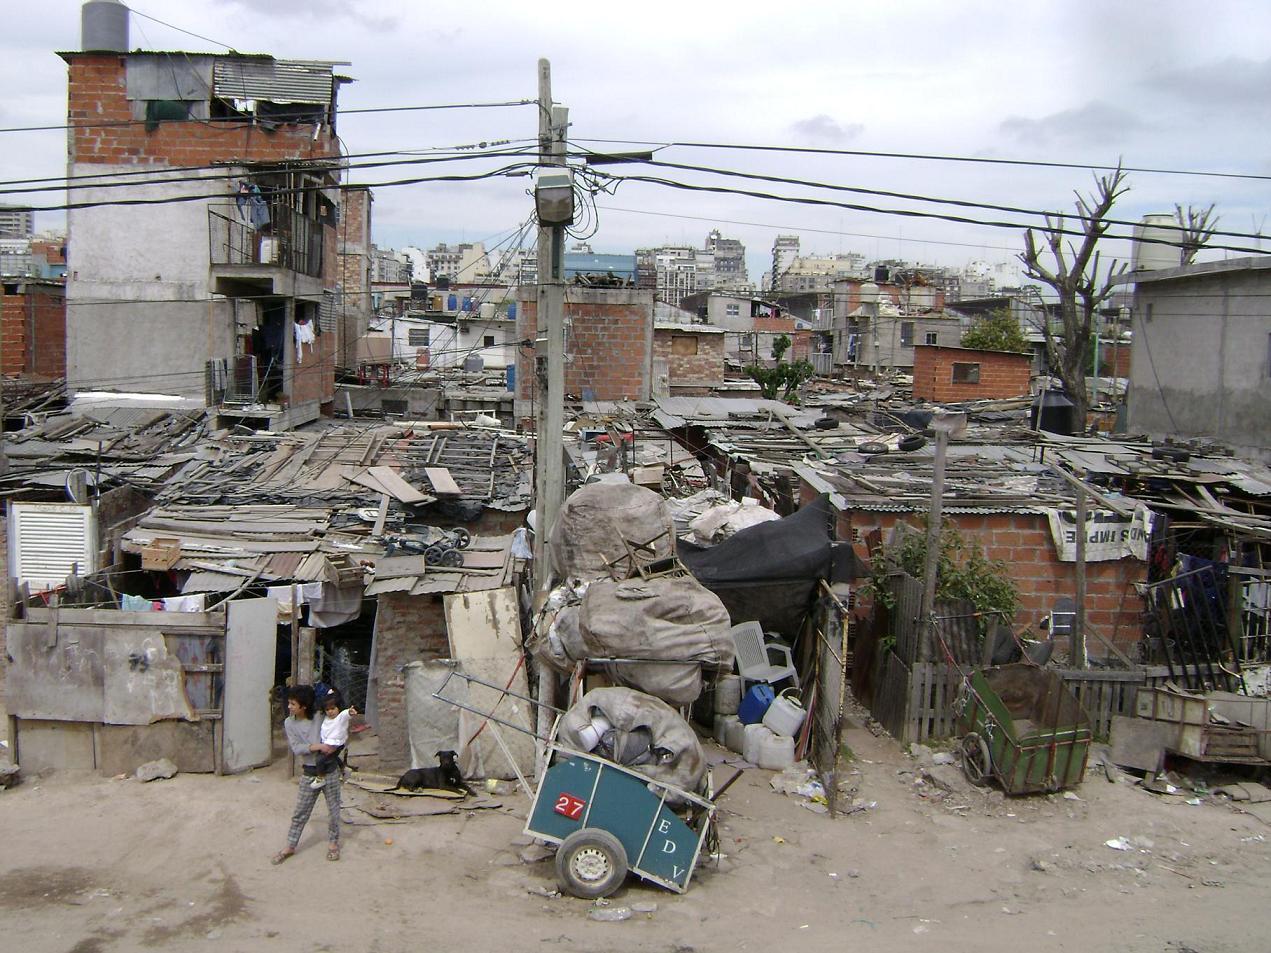 Pensando la bronca villa 31 otra buenos aires for Villas miserias en argentina